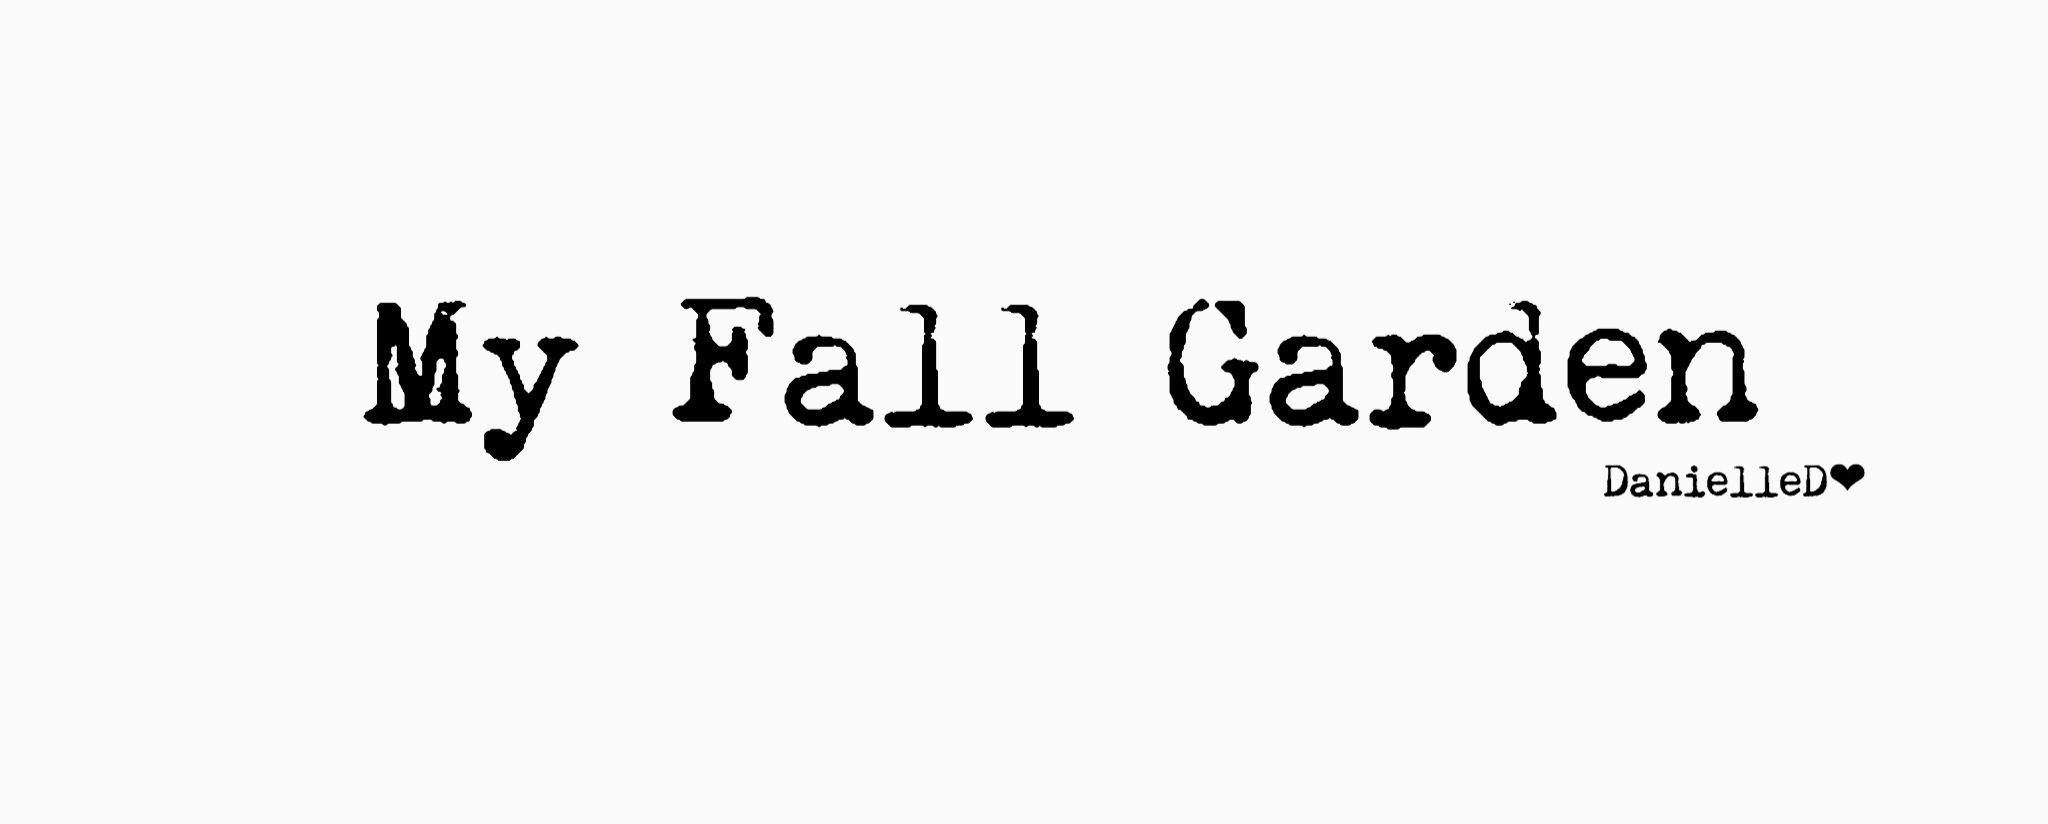 Pin Van Danielled Op Fall Garden